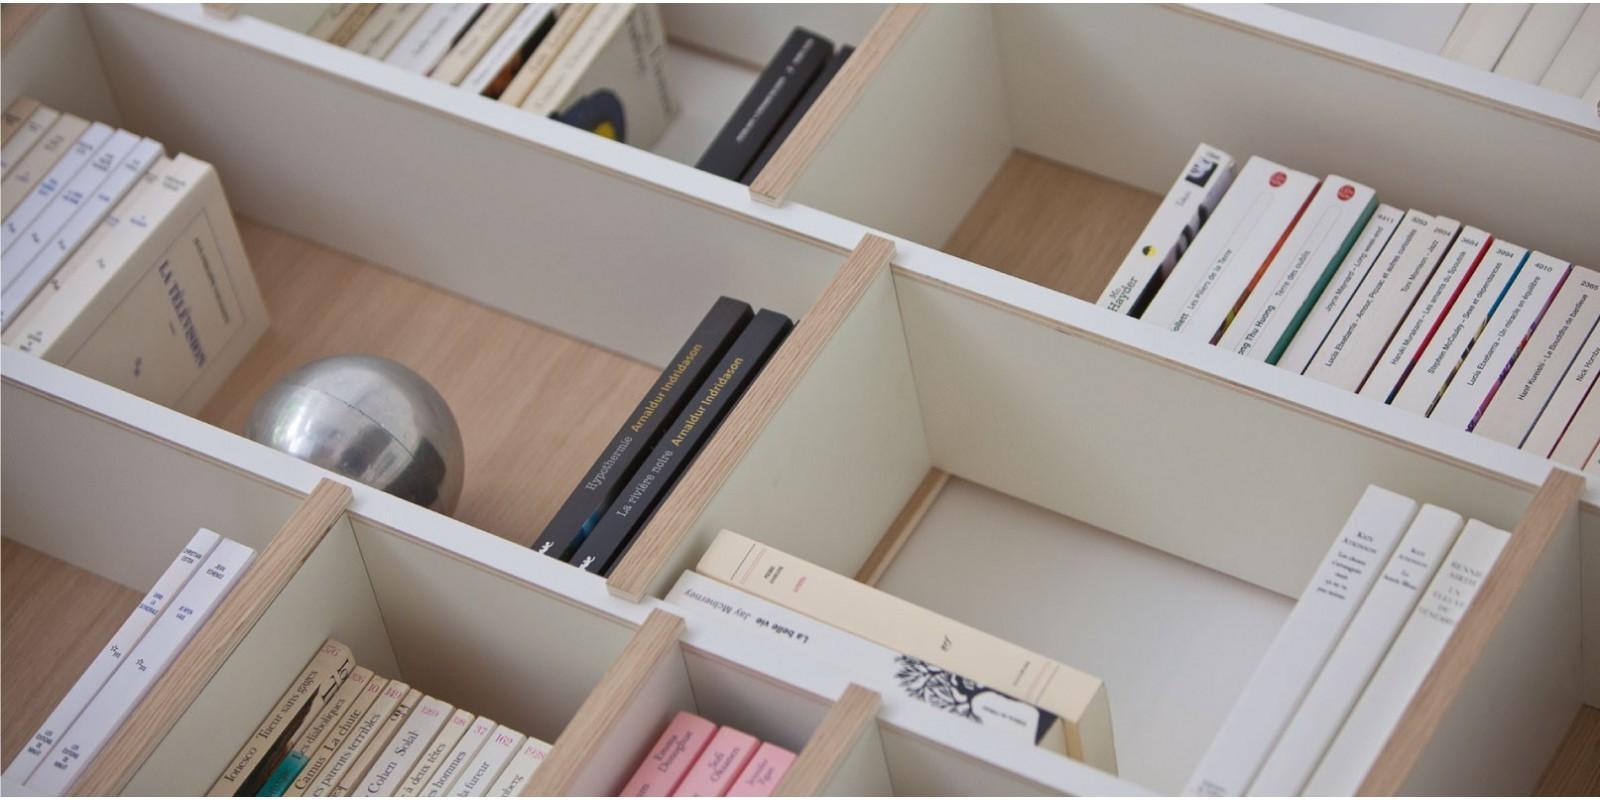 De enige boekenkast die ontworpen is voor verschillende soorten boeken